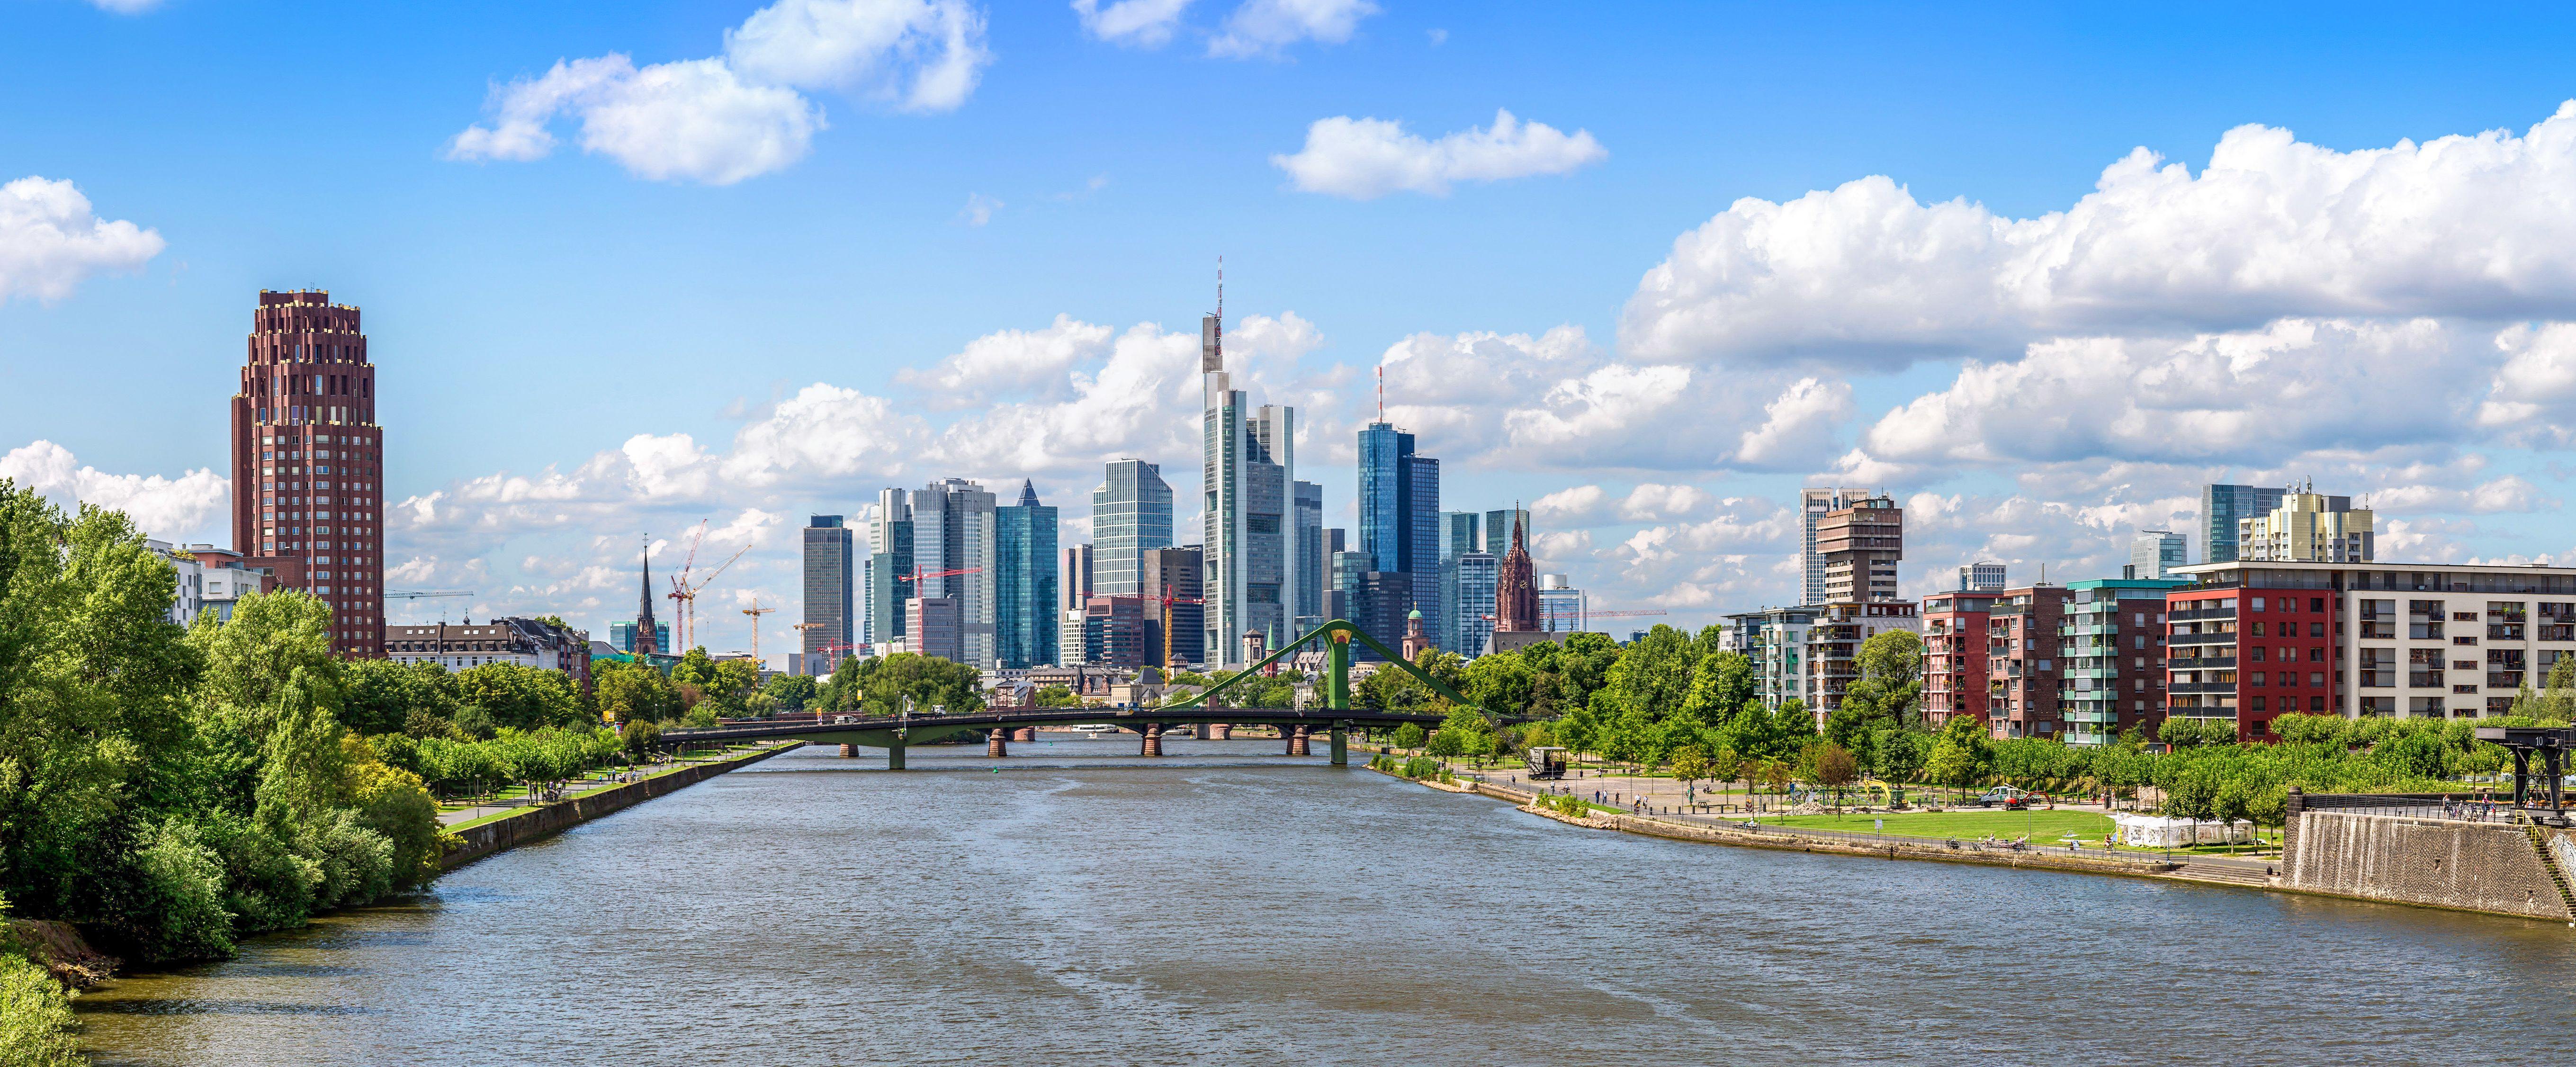 Sommerpanorama des Finanzviertels in Frankfurt am Main